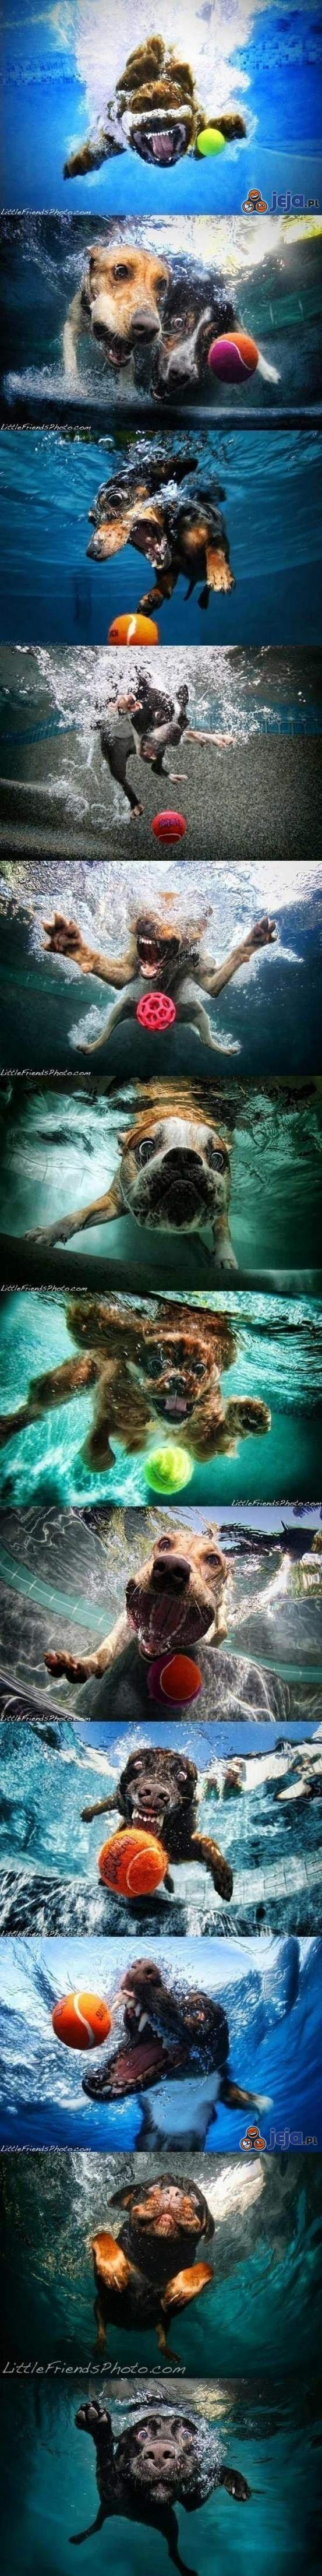 Psiaki w wodzie